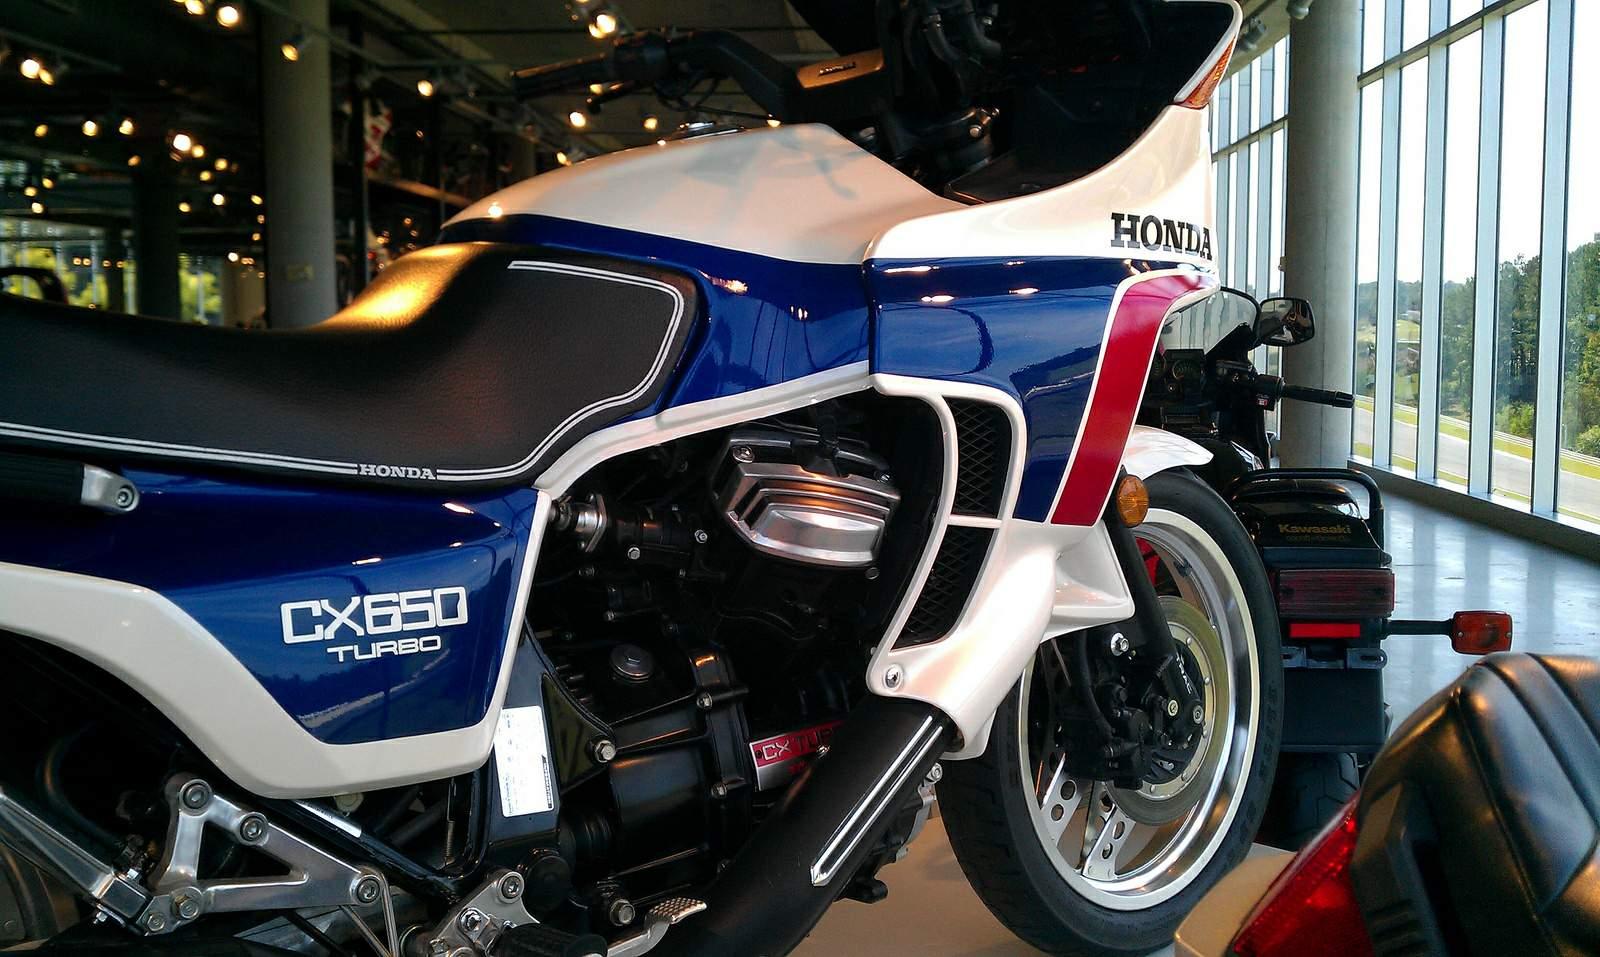 Honda 650 CX turbo de 1984 doccasion - Motos anciennes de collection japonaise Motos vendues